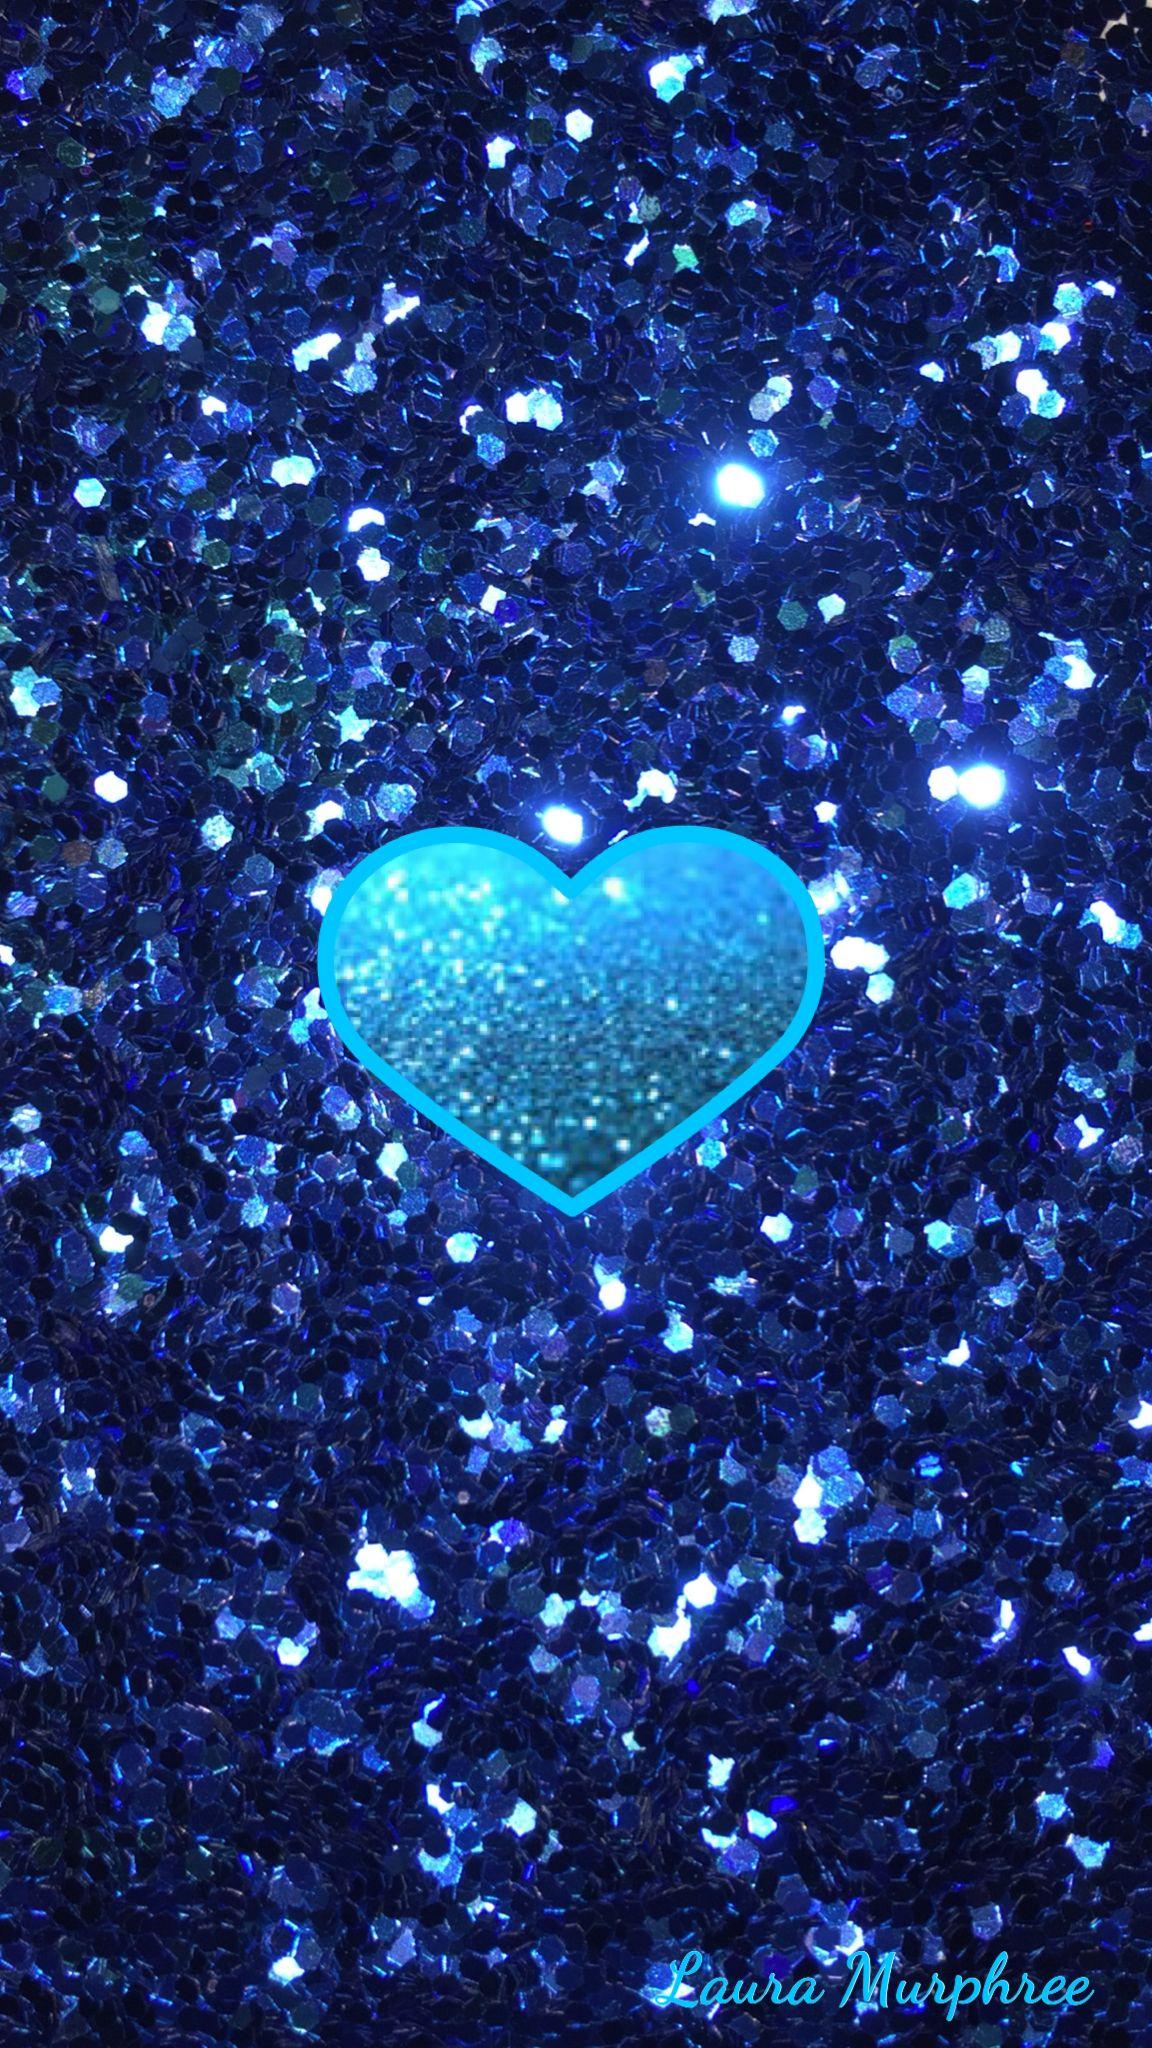 Glitter Phone Wallpaper Glitter Phone Wallpaper Sparkle Background Sparkling Glittery Shimmer Gi Glitter Phone Wallpaper Heart Iphone Wallpaper Heart Wallpaper